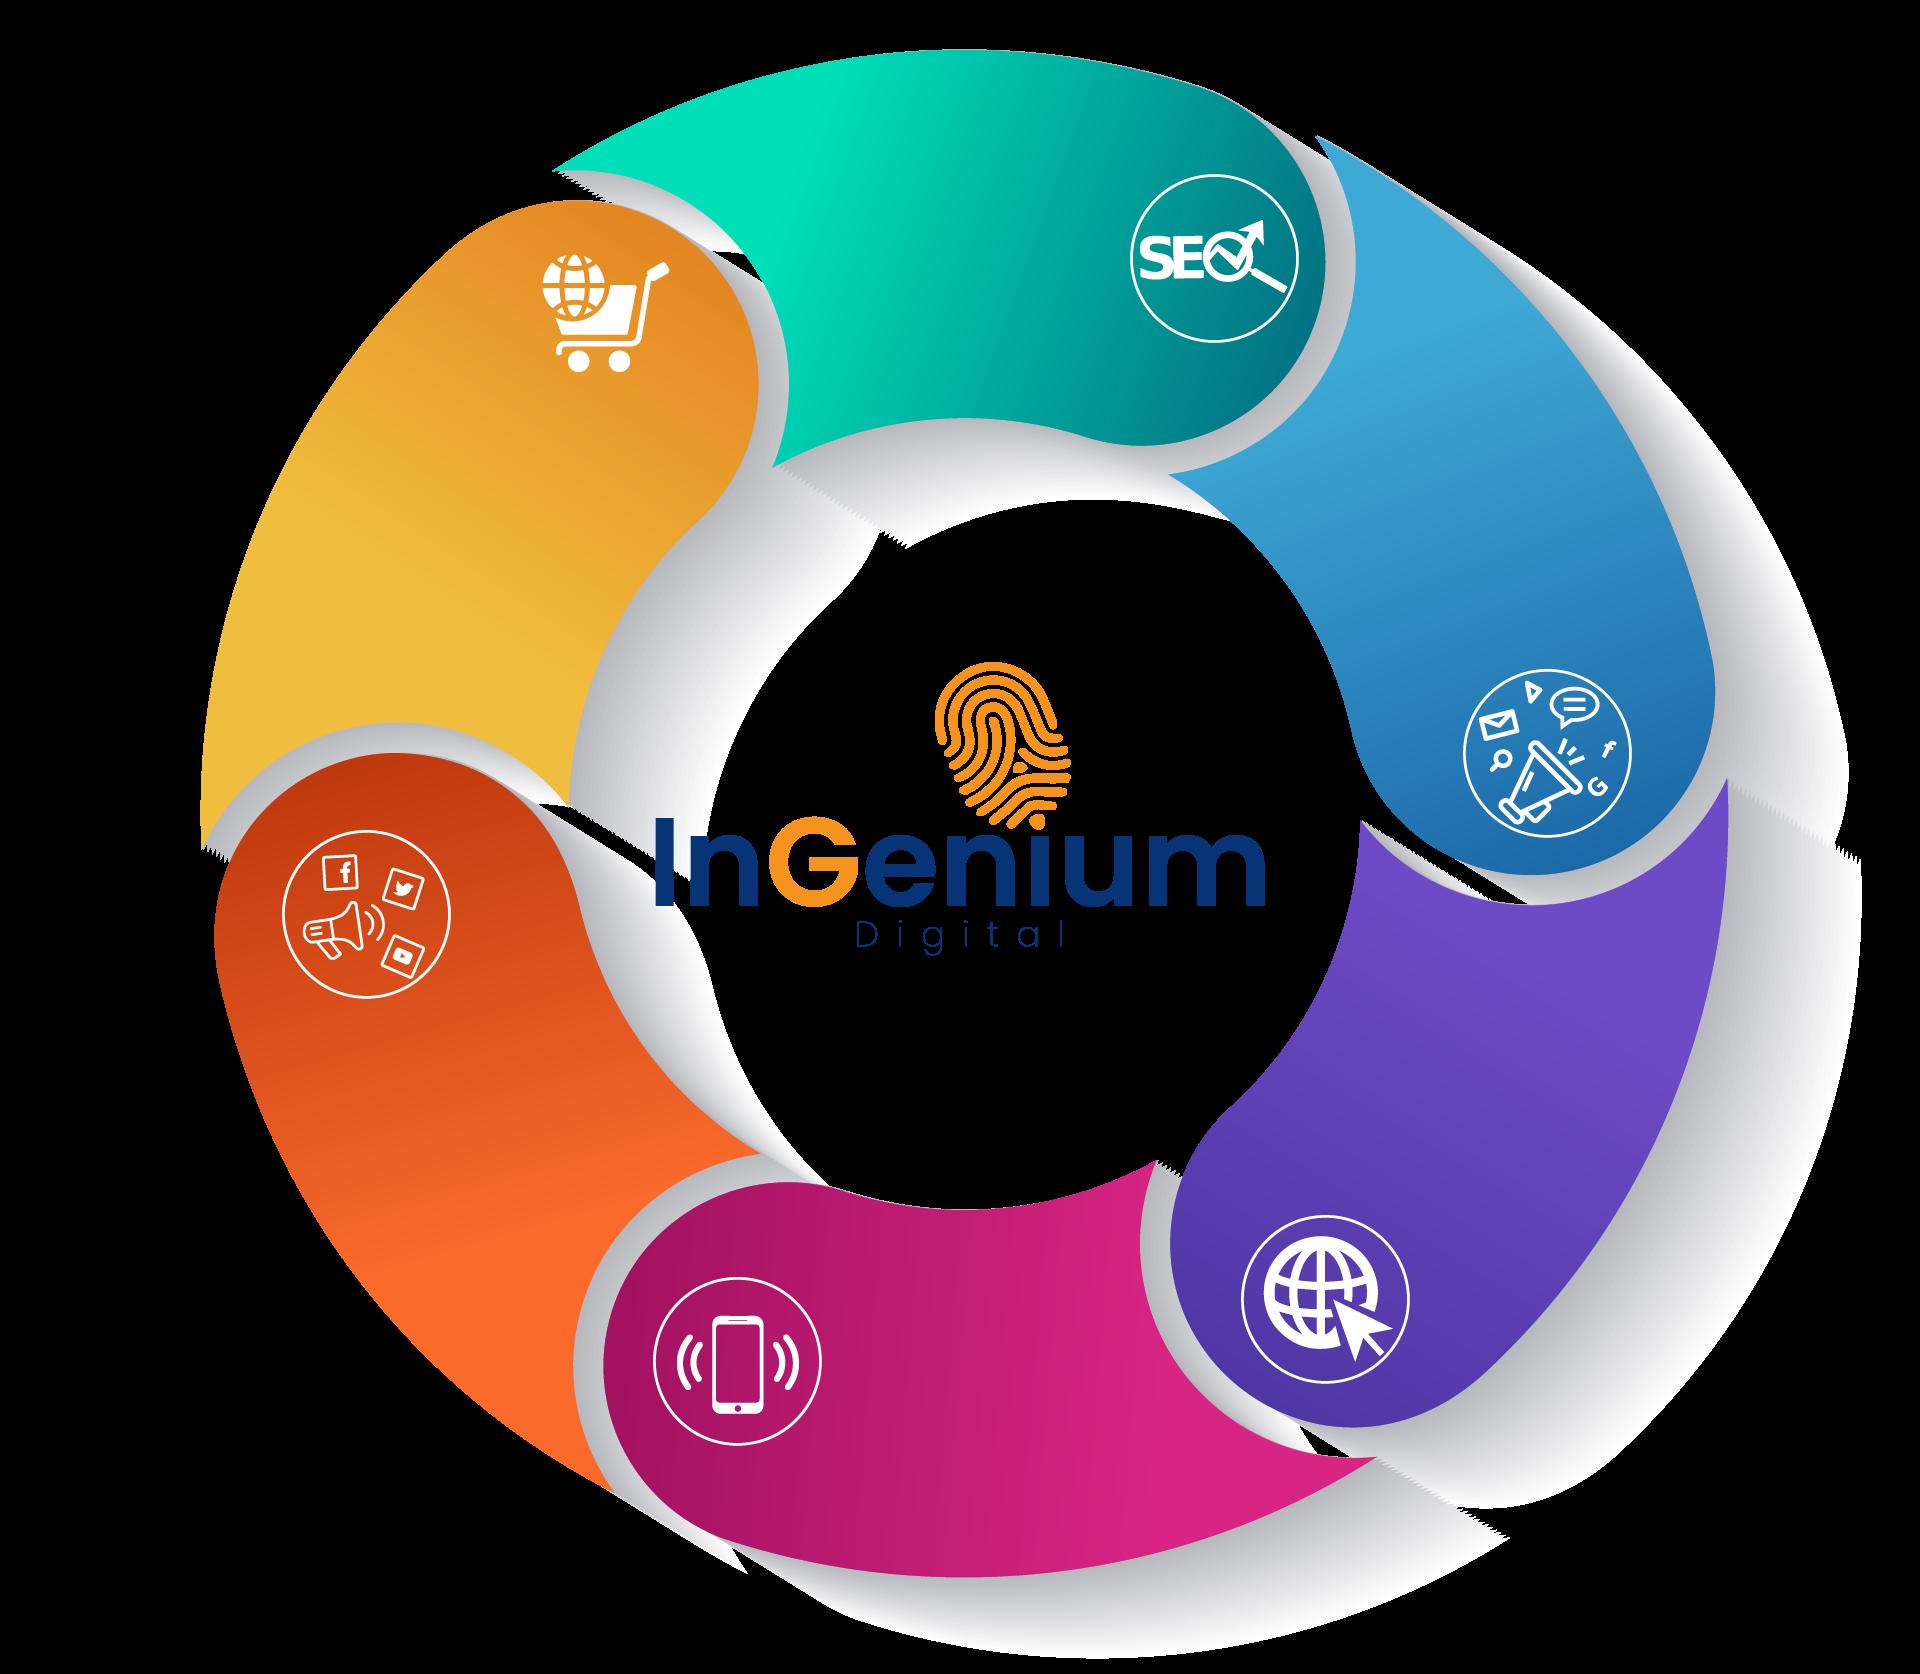 ingenium Digital Service